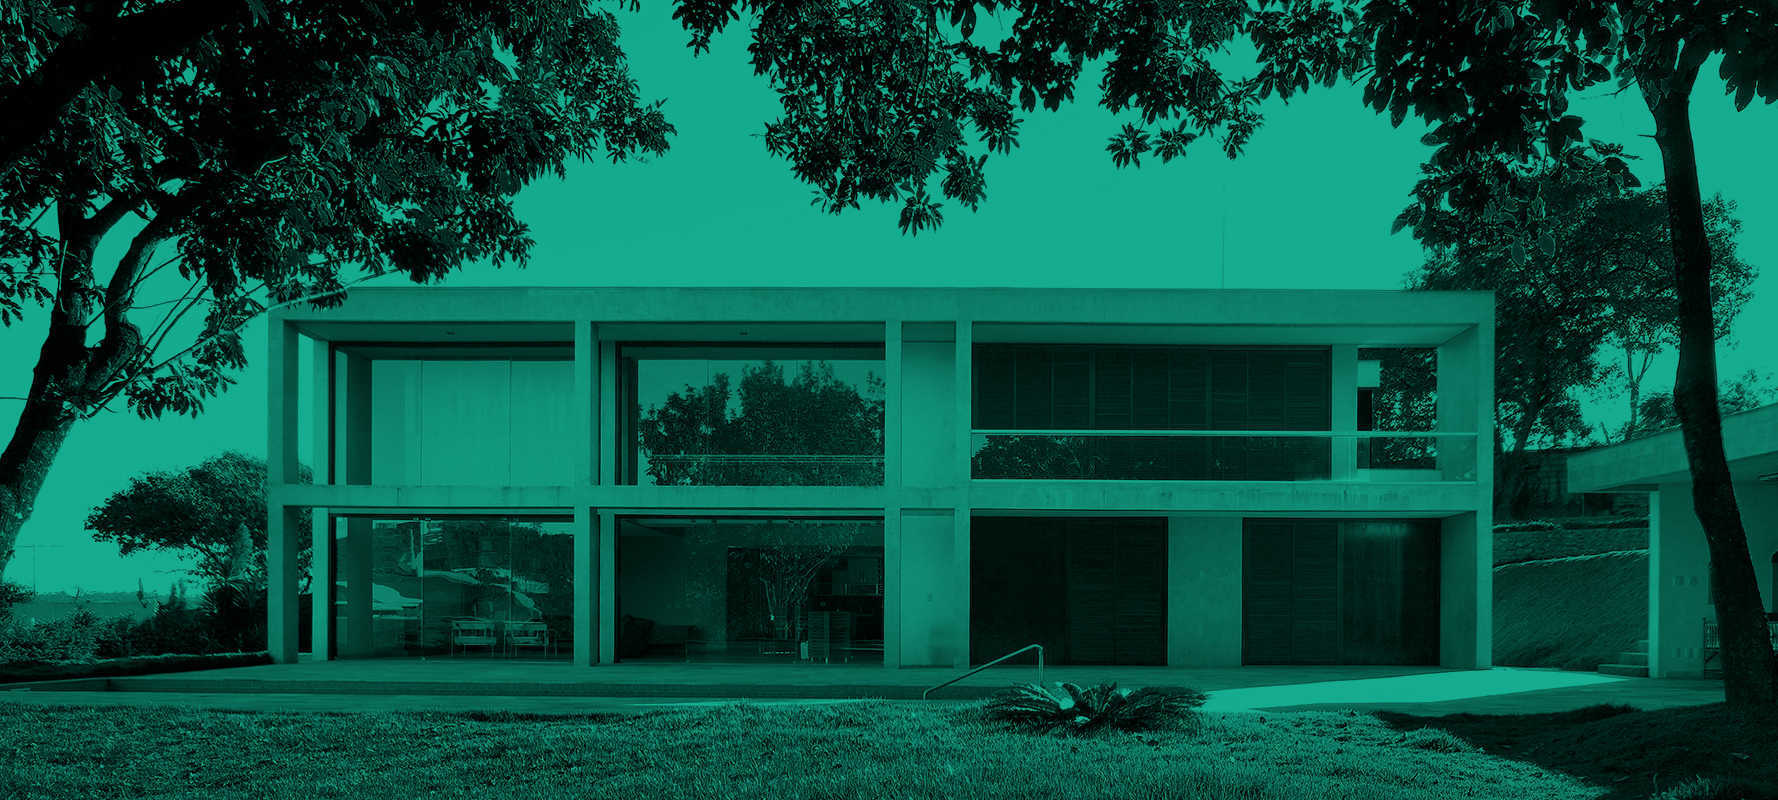 residencia-esteves_verde